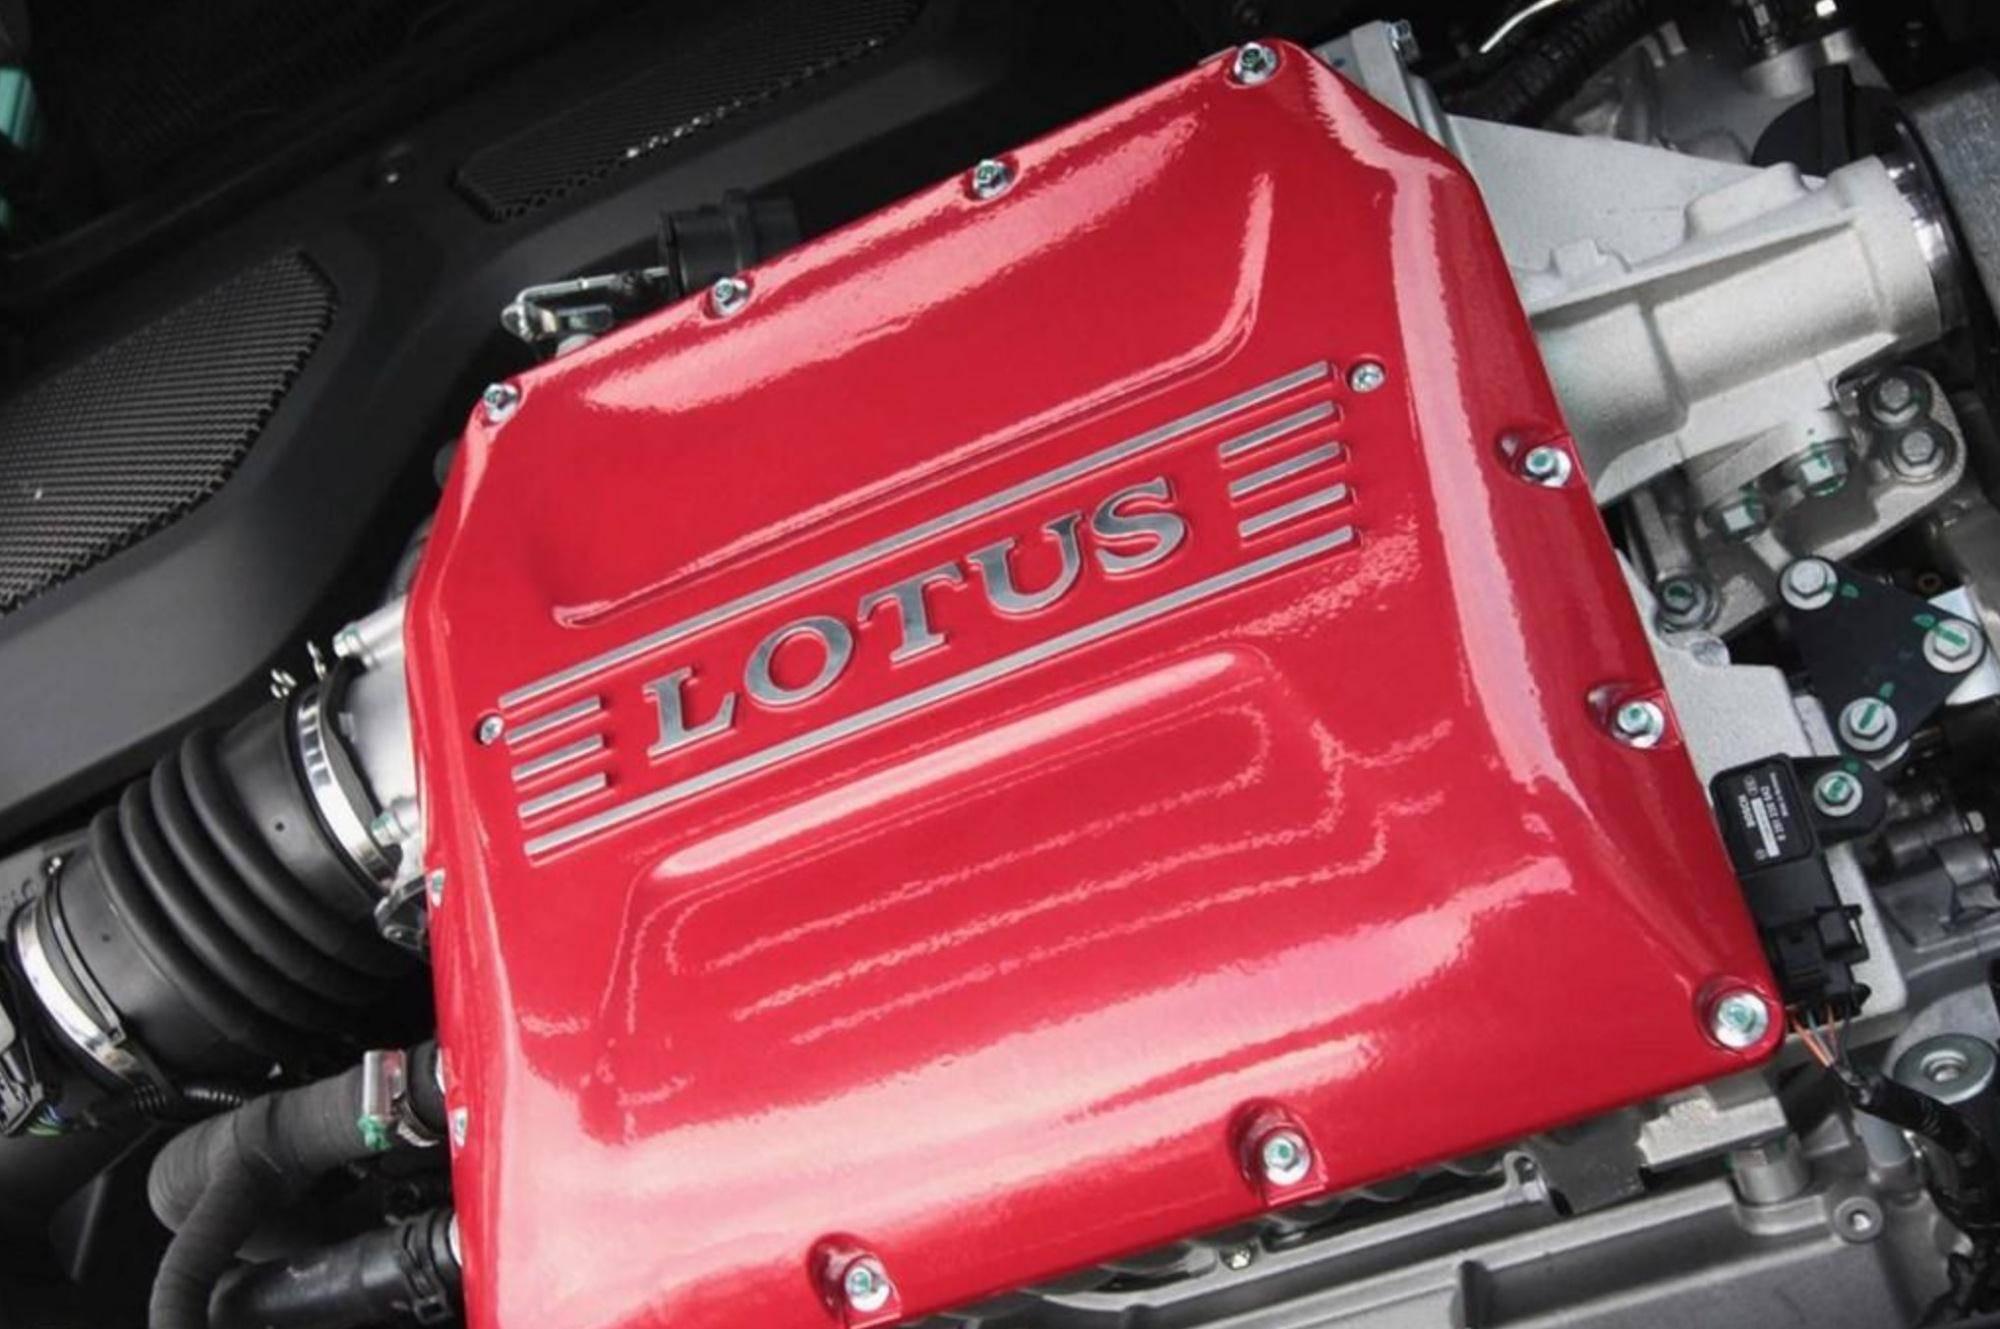 另一款原装高价值跑车,搭载3.5升V6发动机,3.9s突破100,也自带轰鸣声